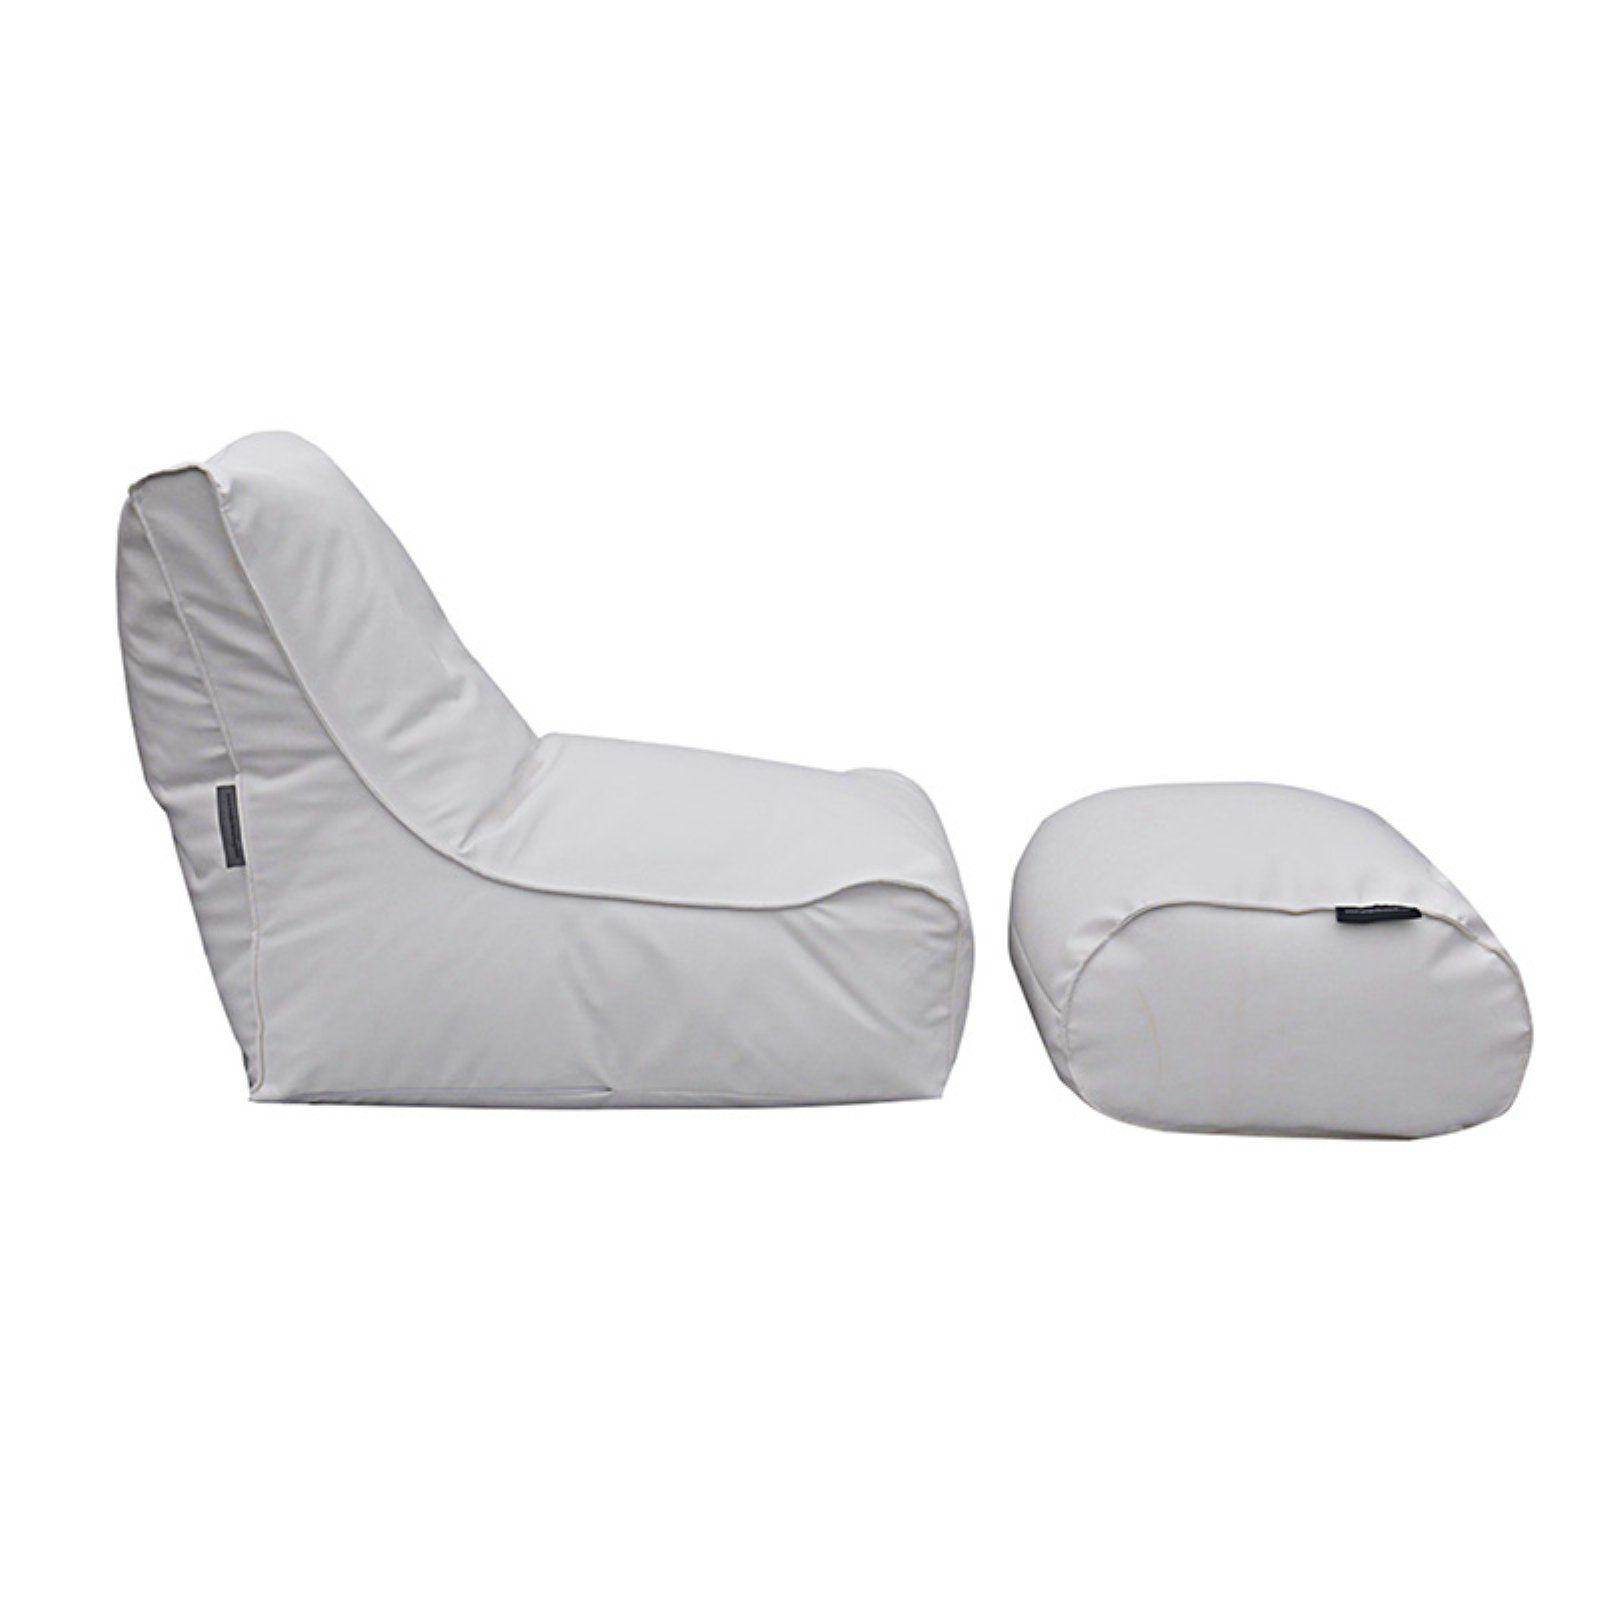 Groovy Modern Bean Bag Zen Medium Bean Bag Chair In 2019 Products Alphanode Cool Chair Designs And Ideas Alphanodeonline